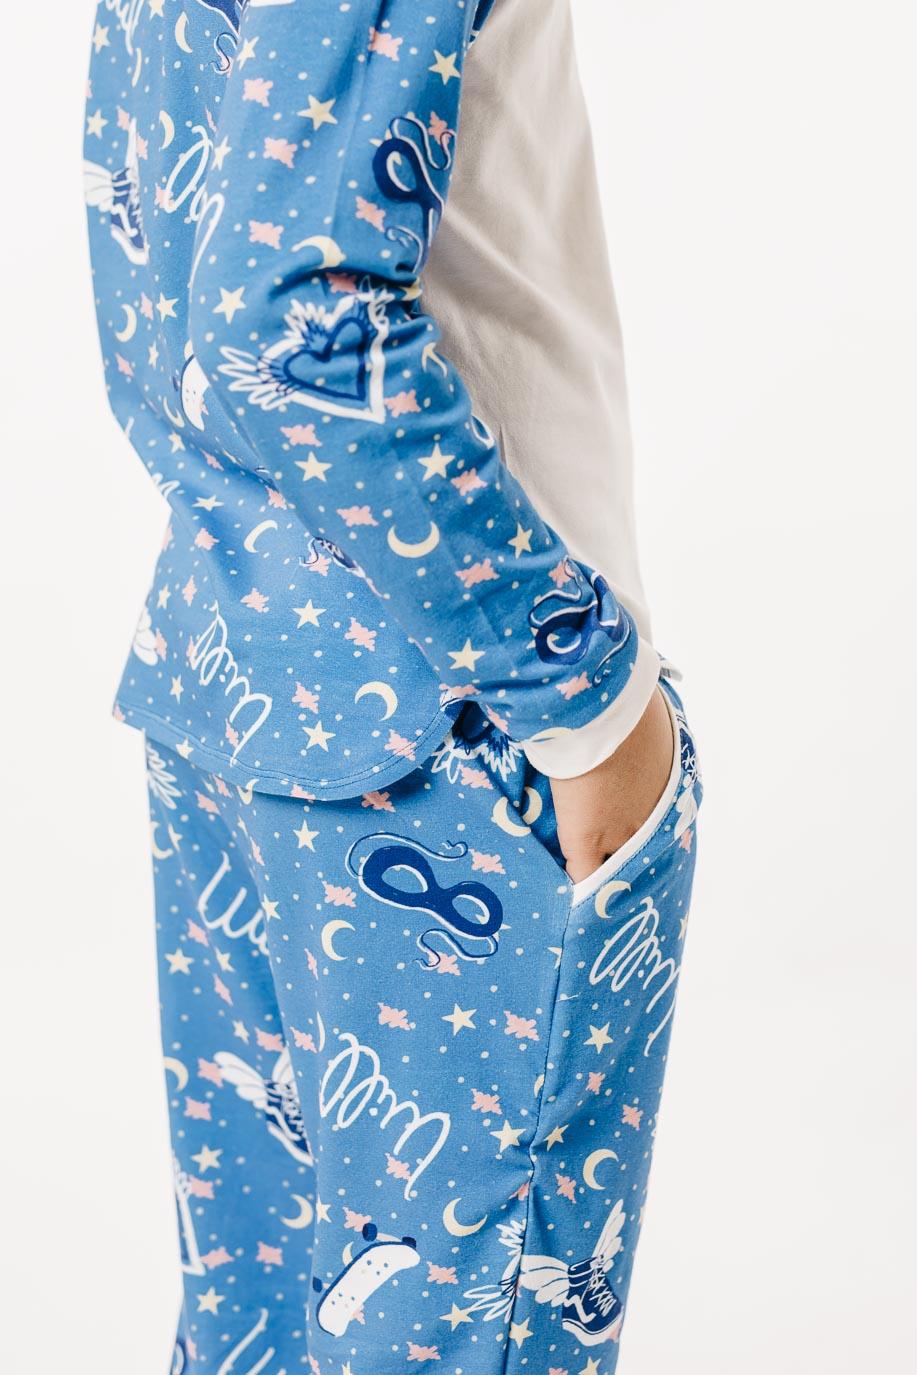 pijama suenya estels 0015 web Estels